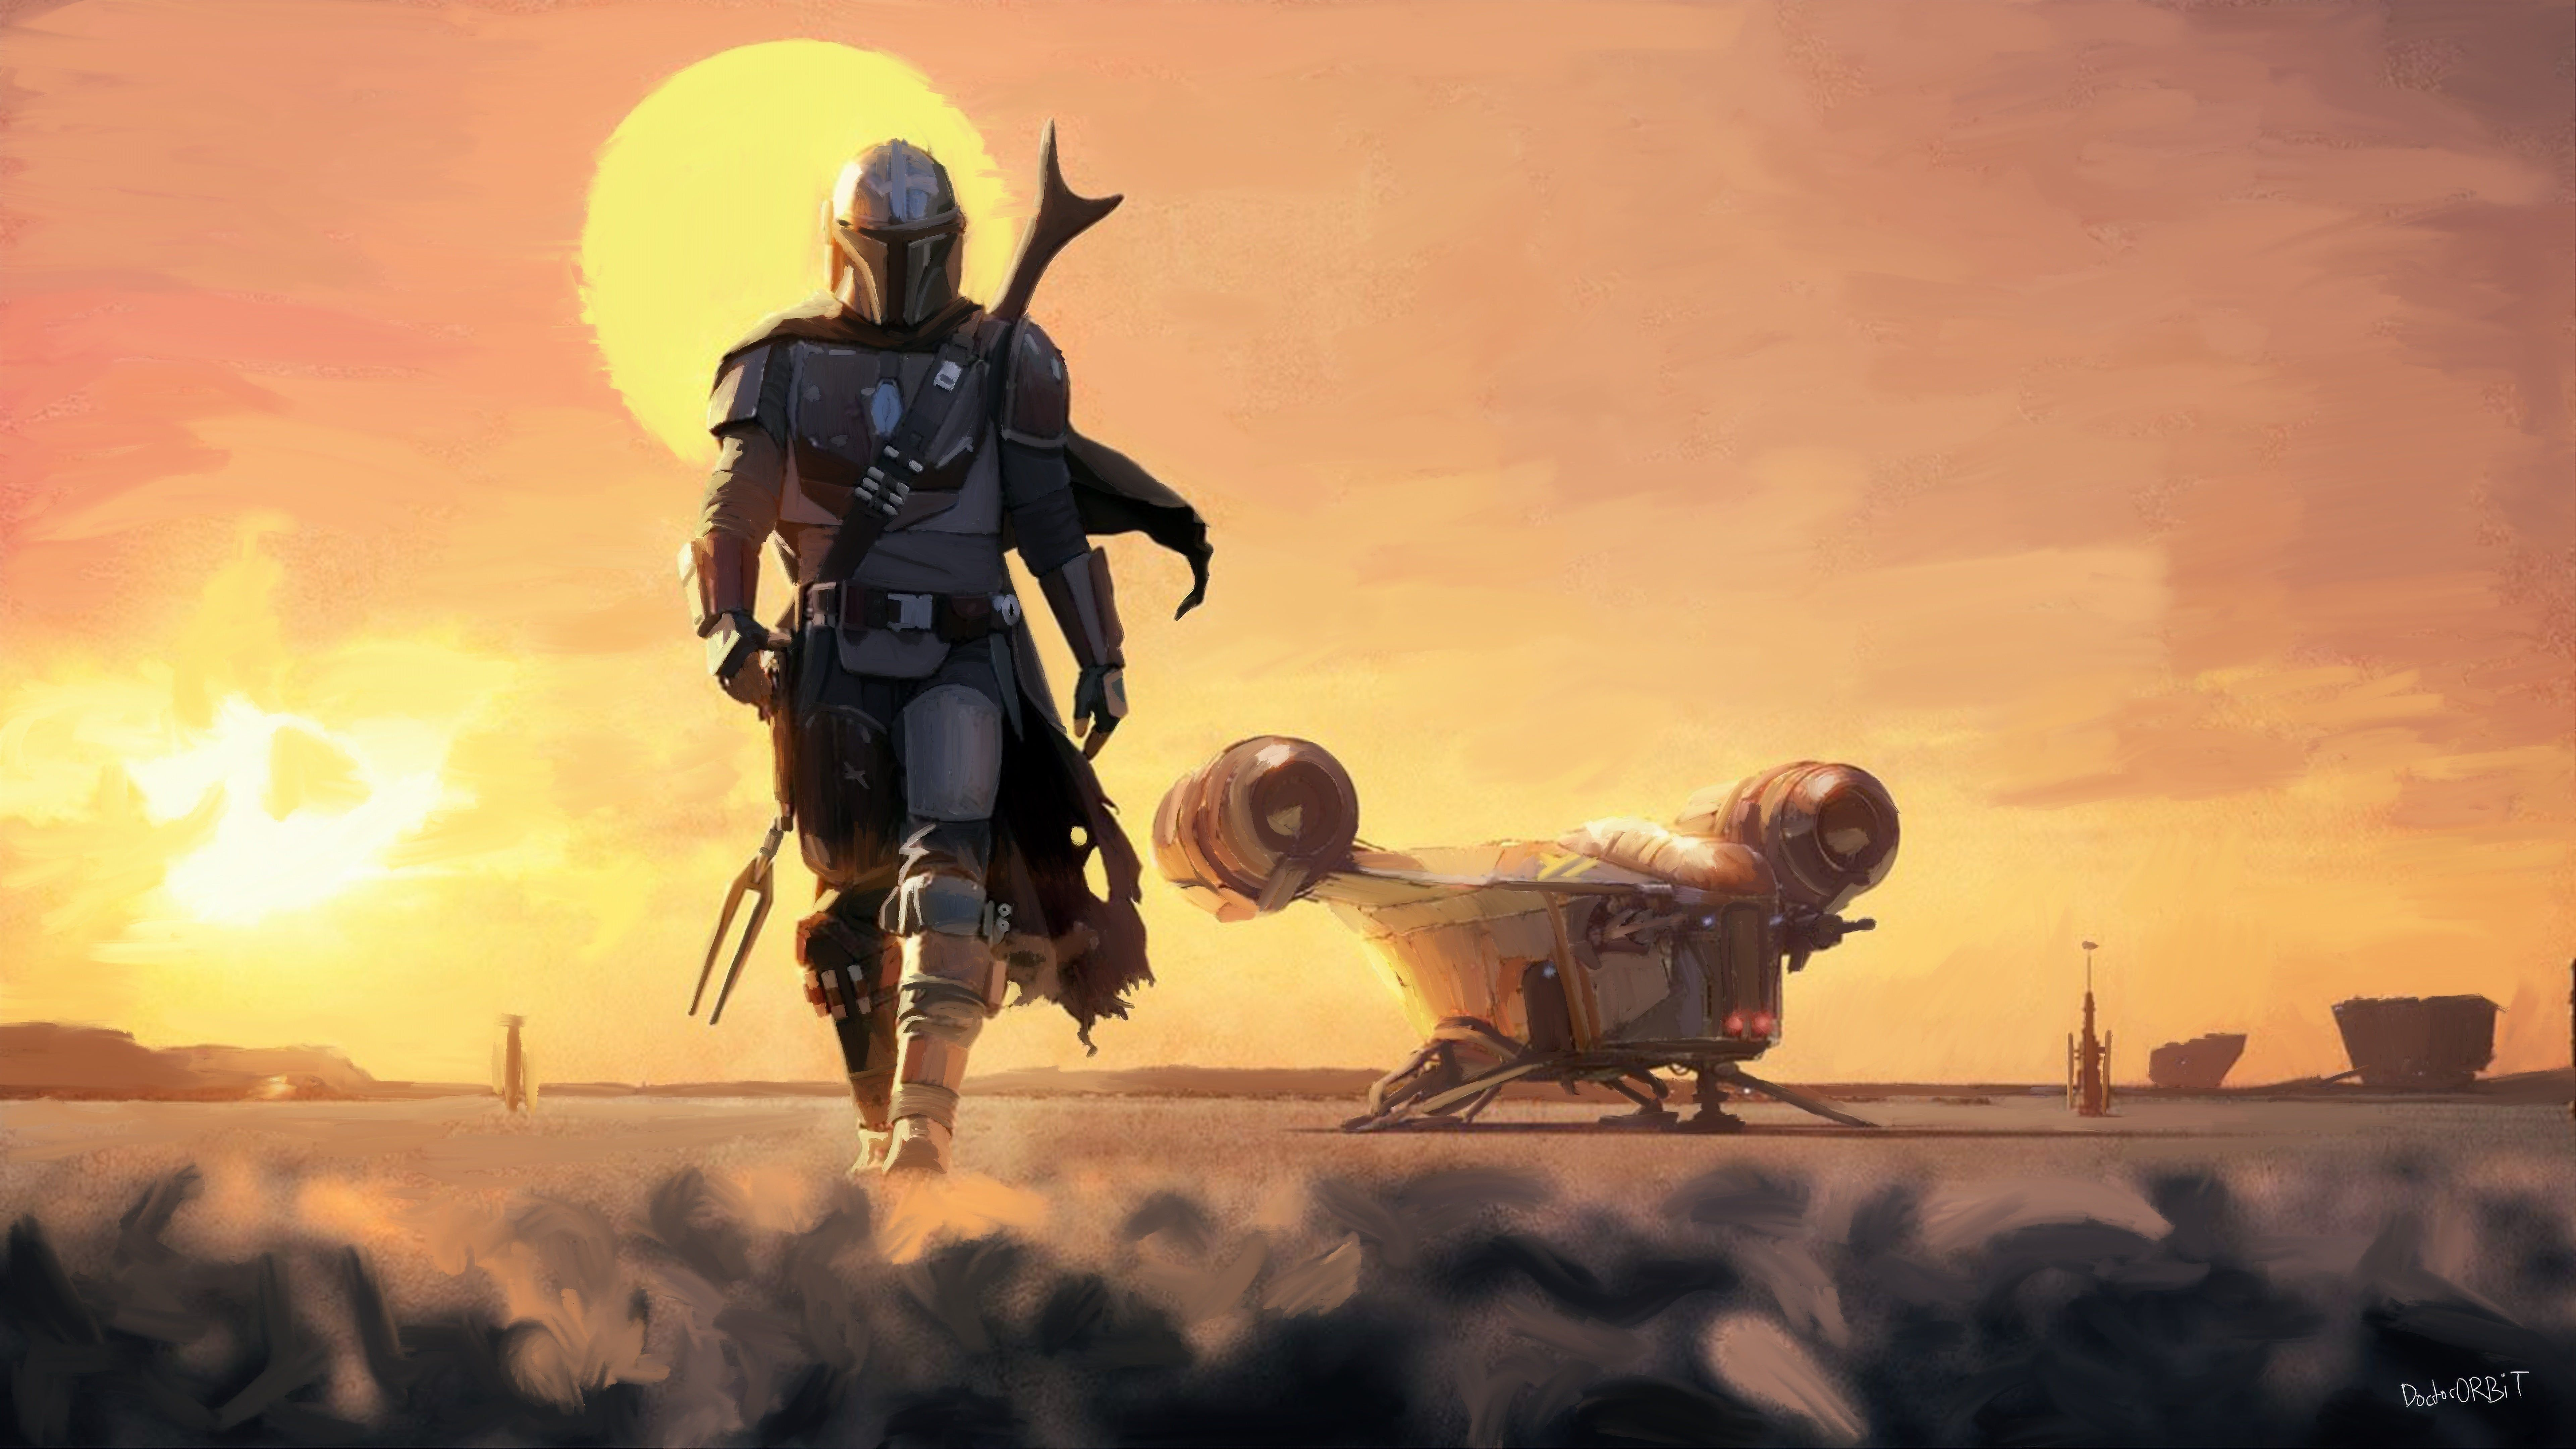 The Mandalorian Poster wallpaper Disney star wars